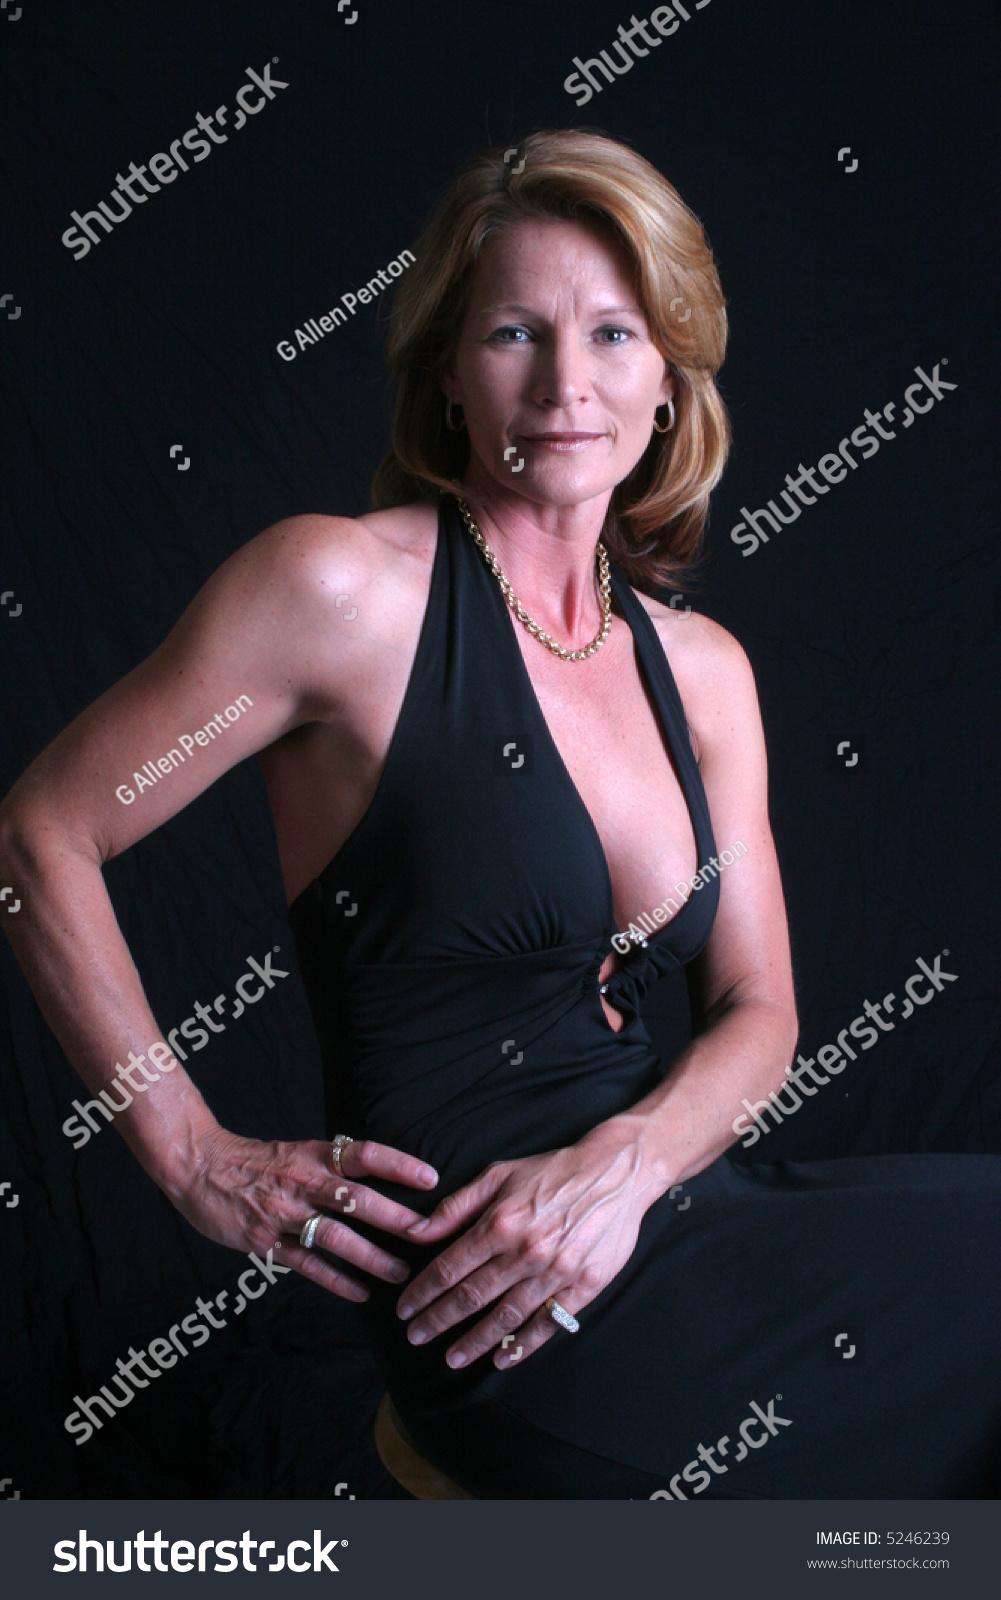 Sexy mature women models